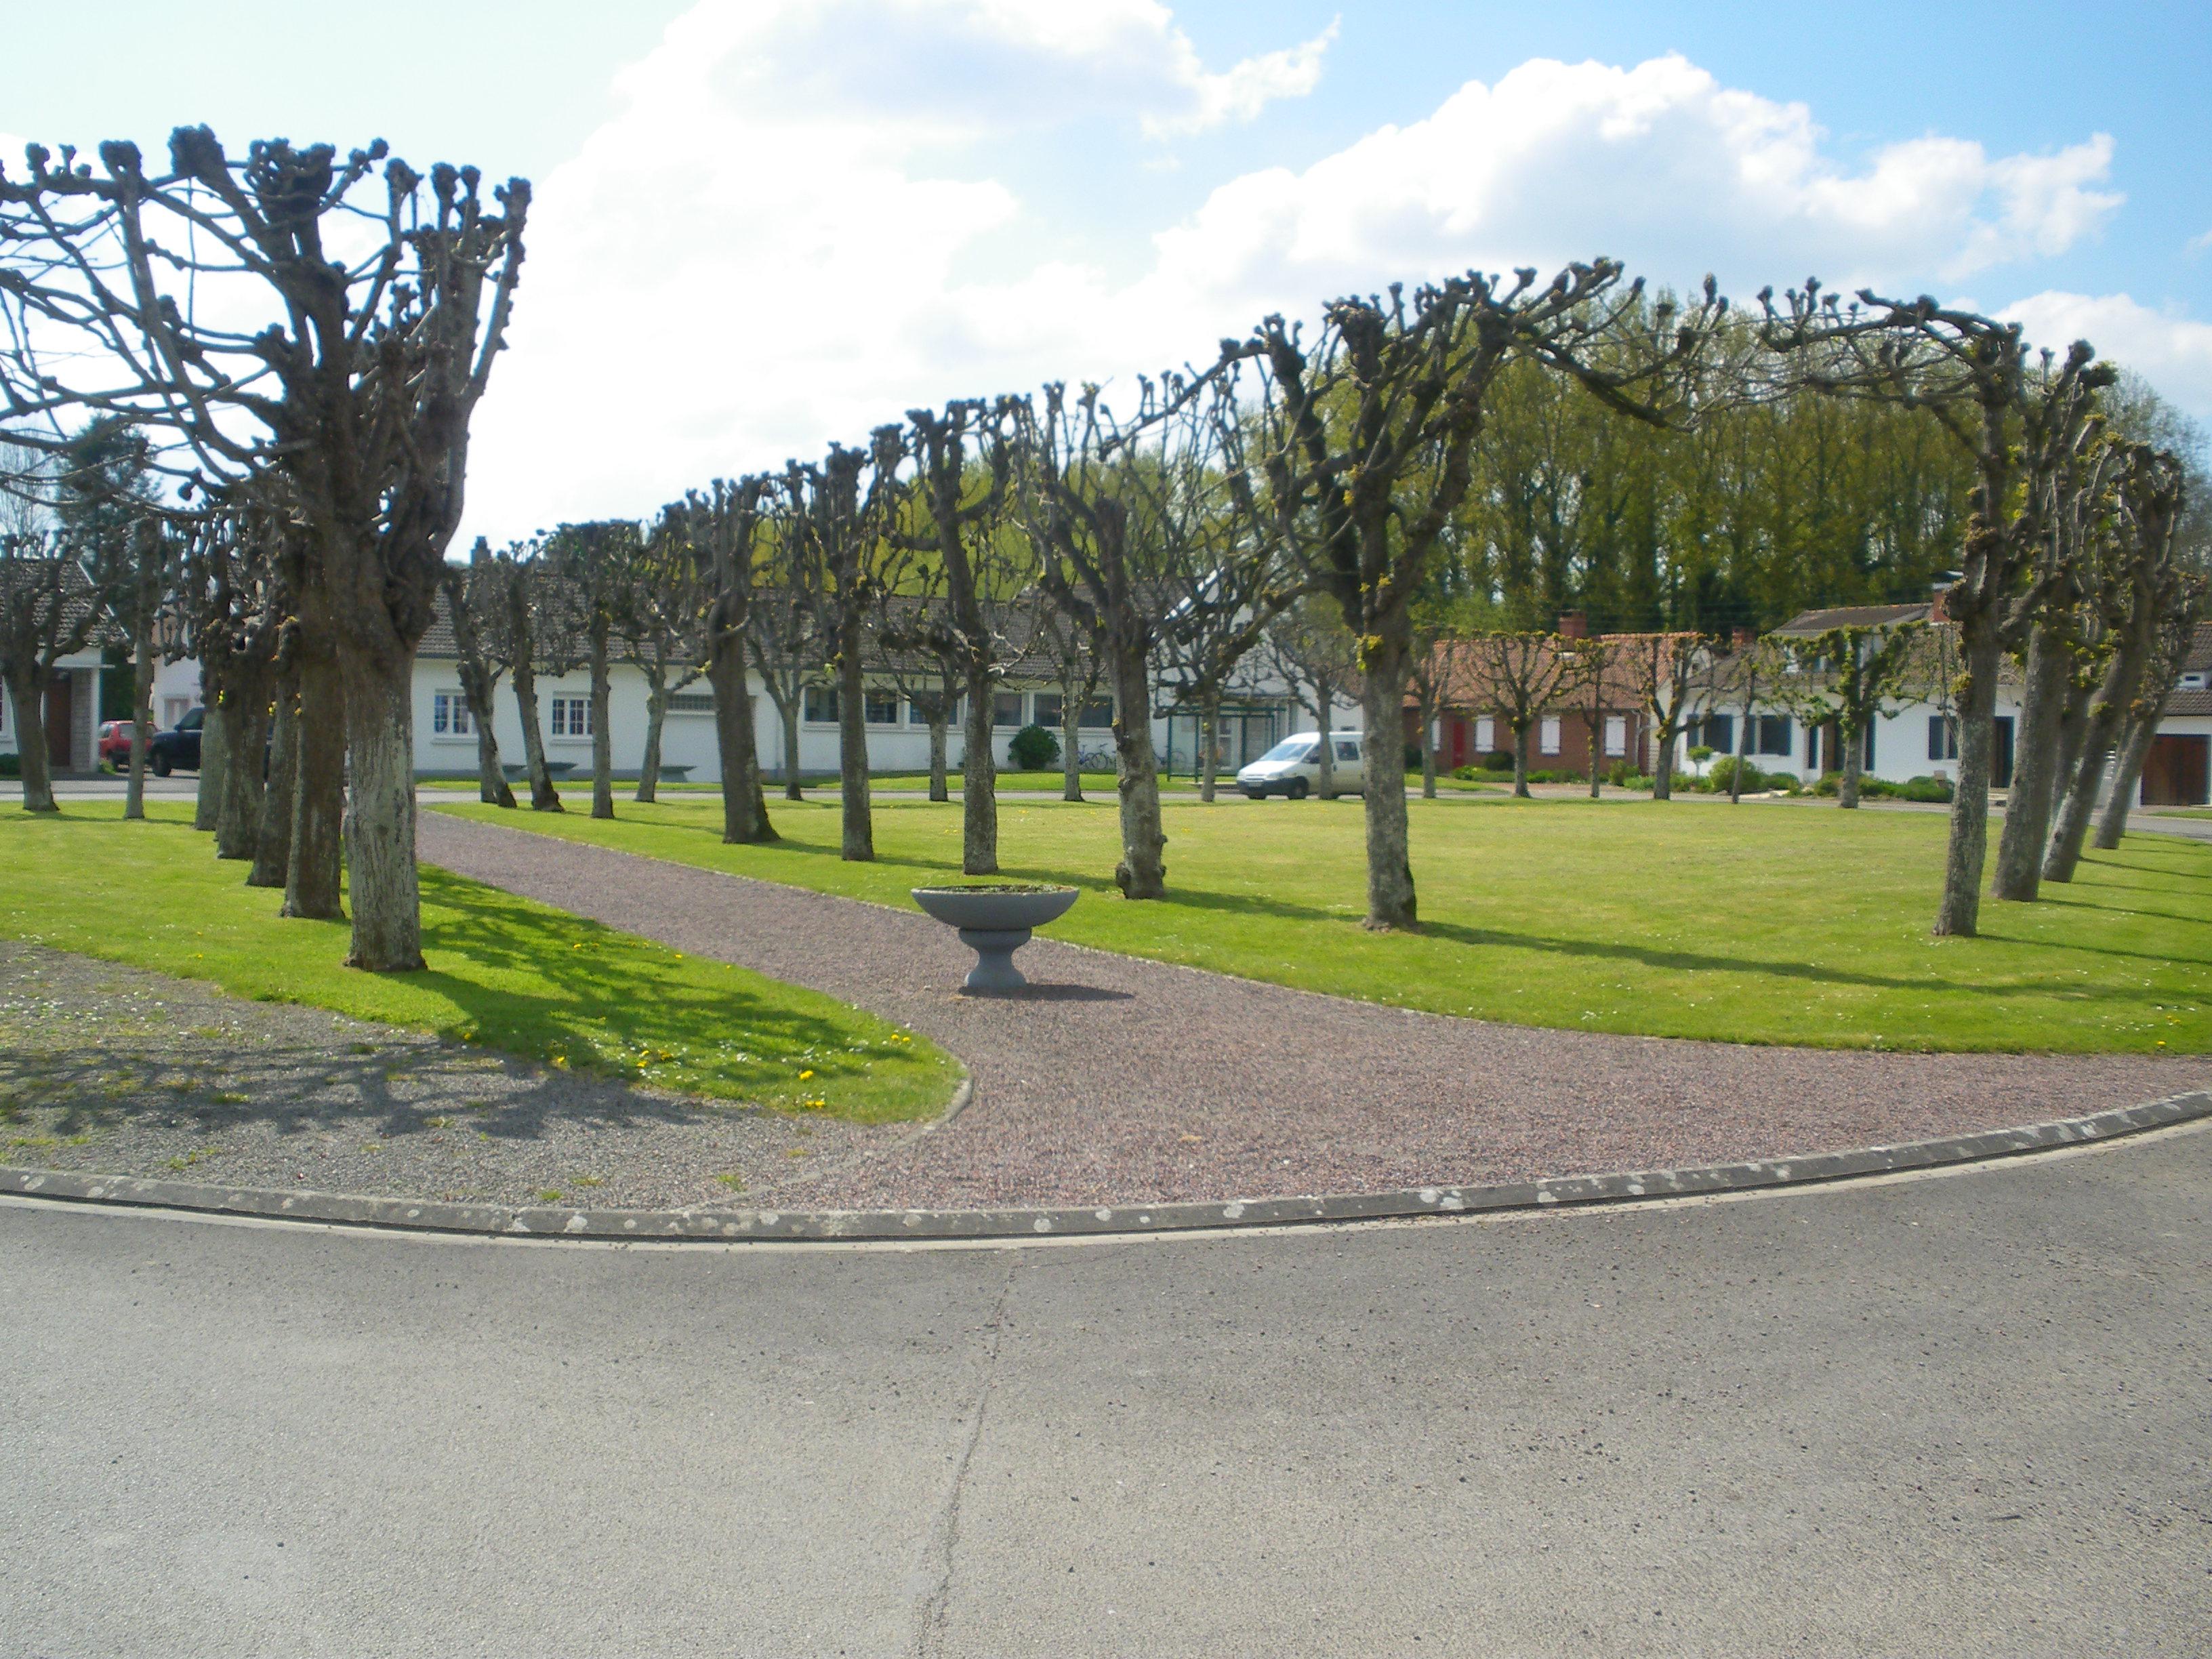 Raye-sur-Authie